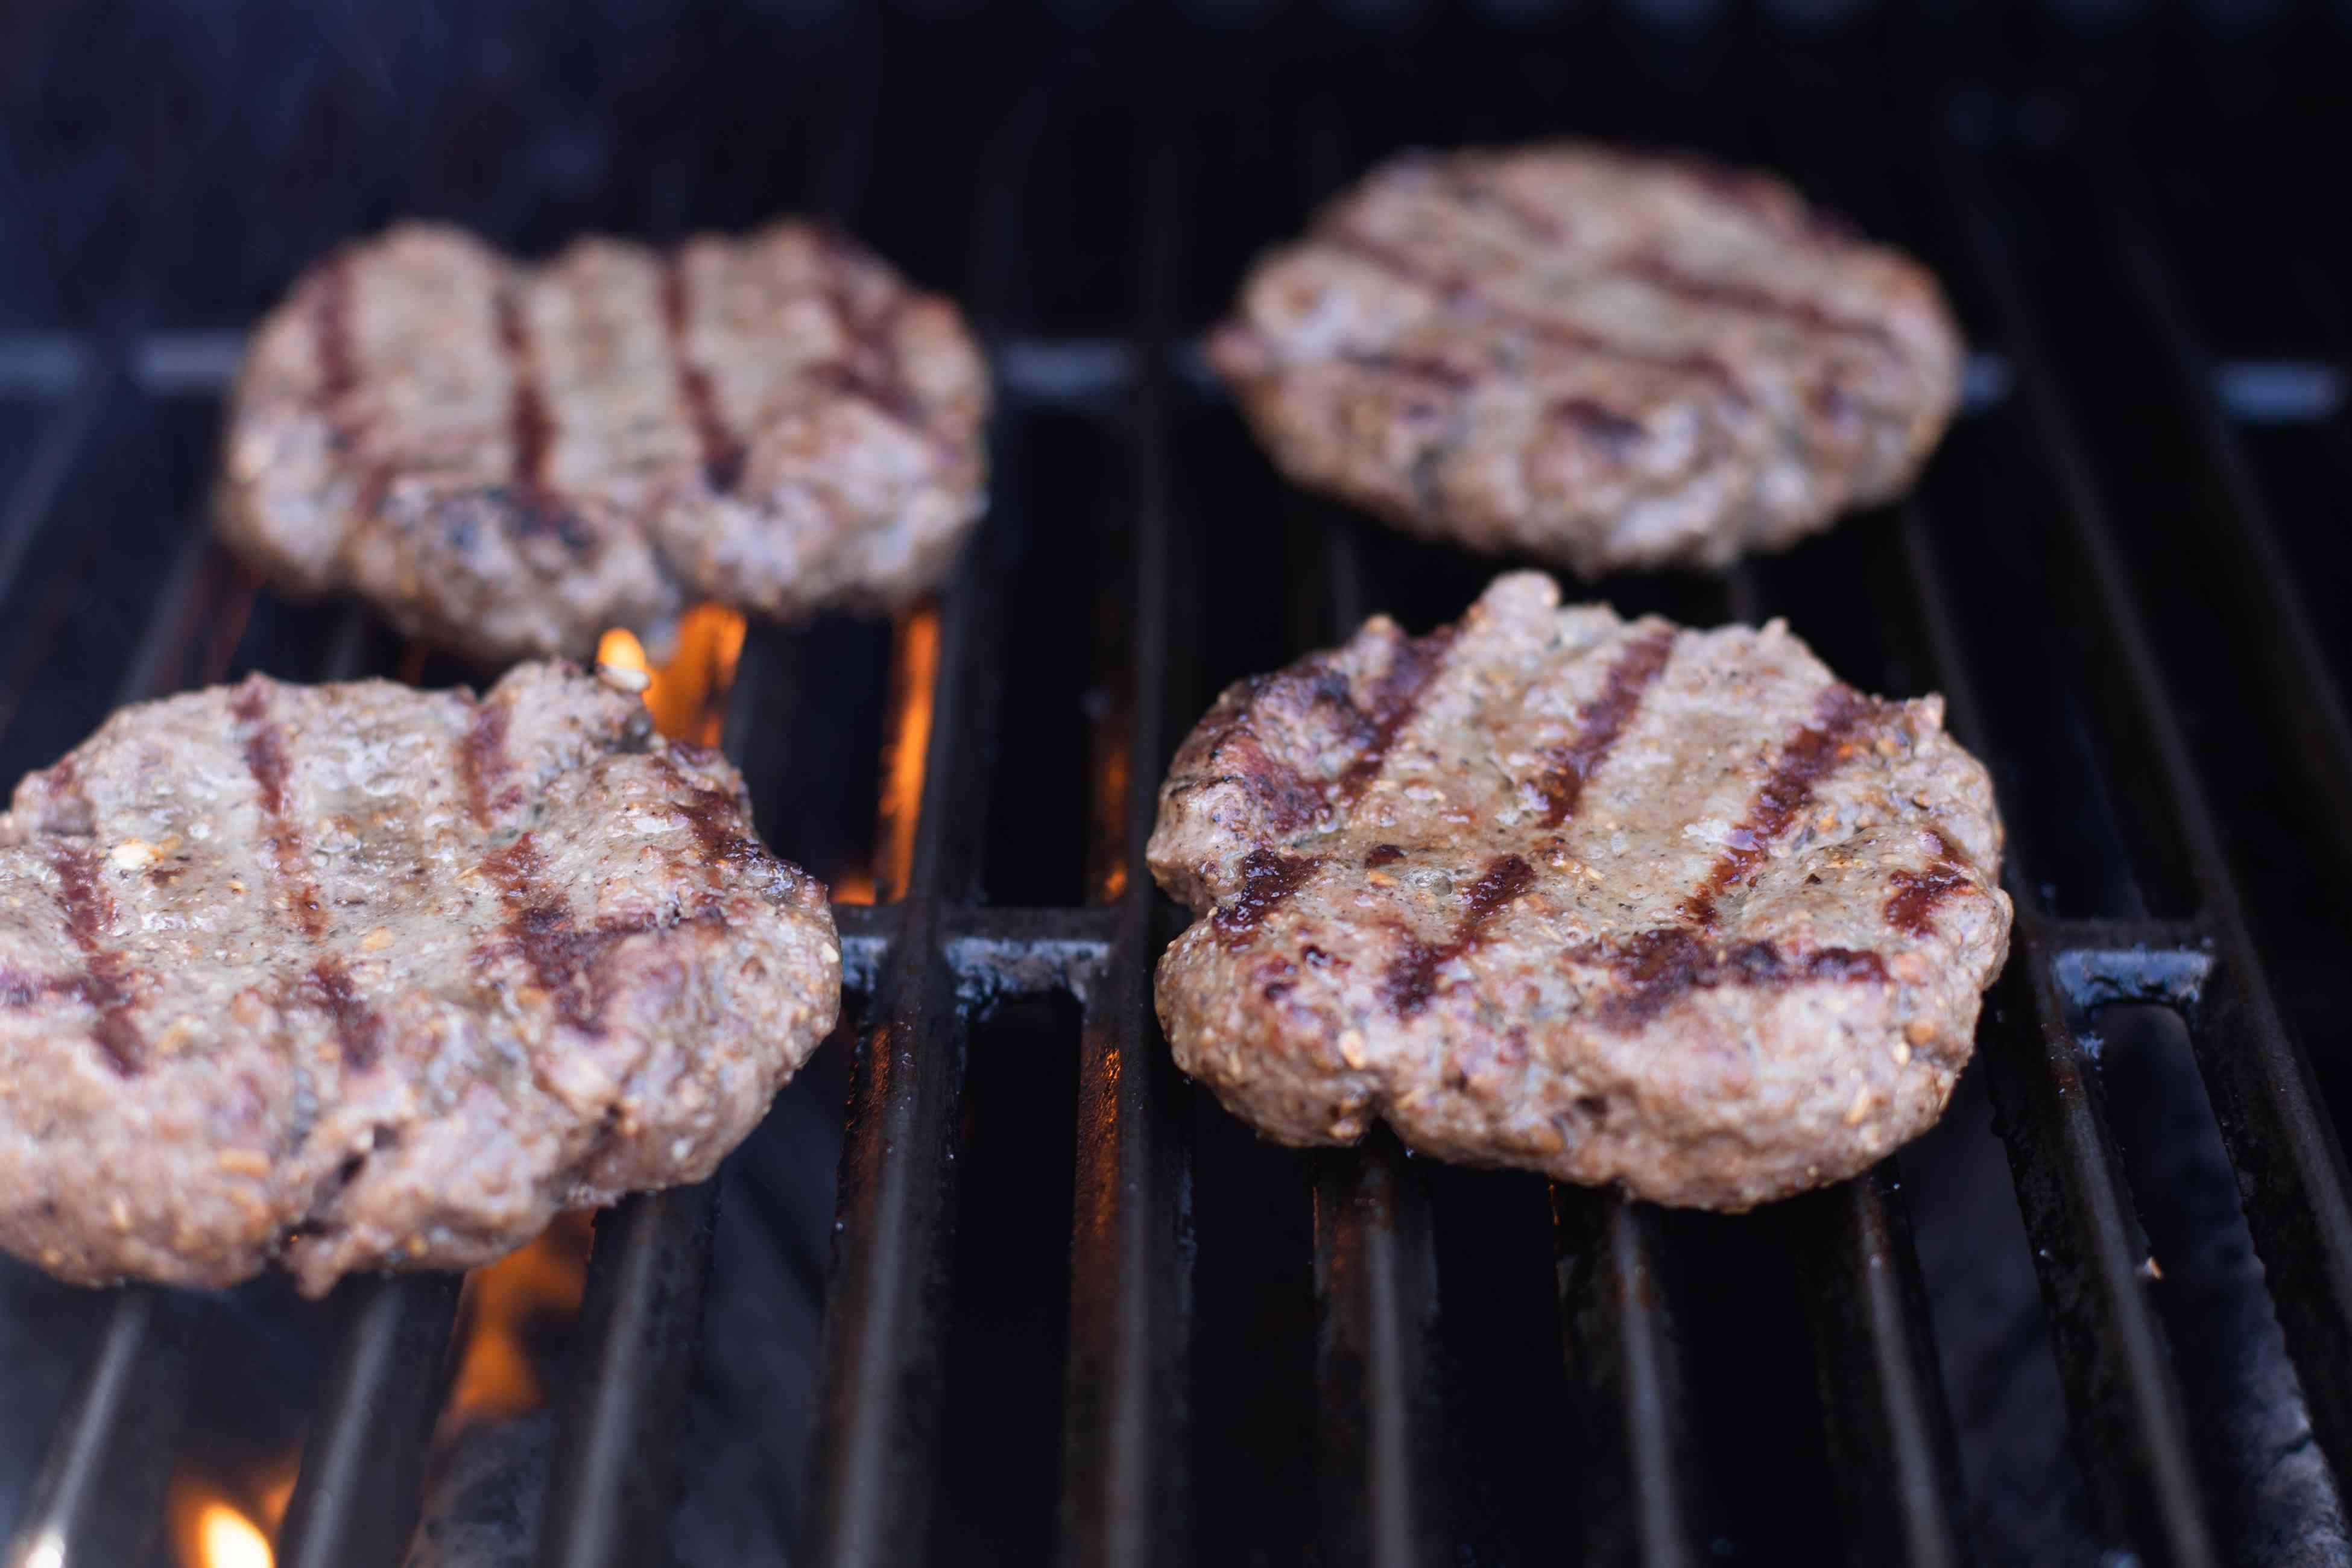 Grilling mushroom swiss burgers.